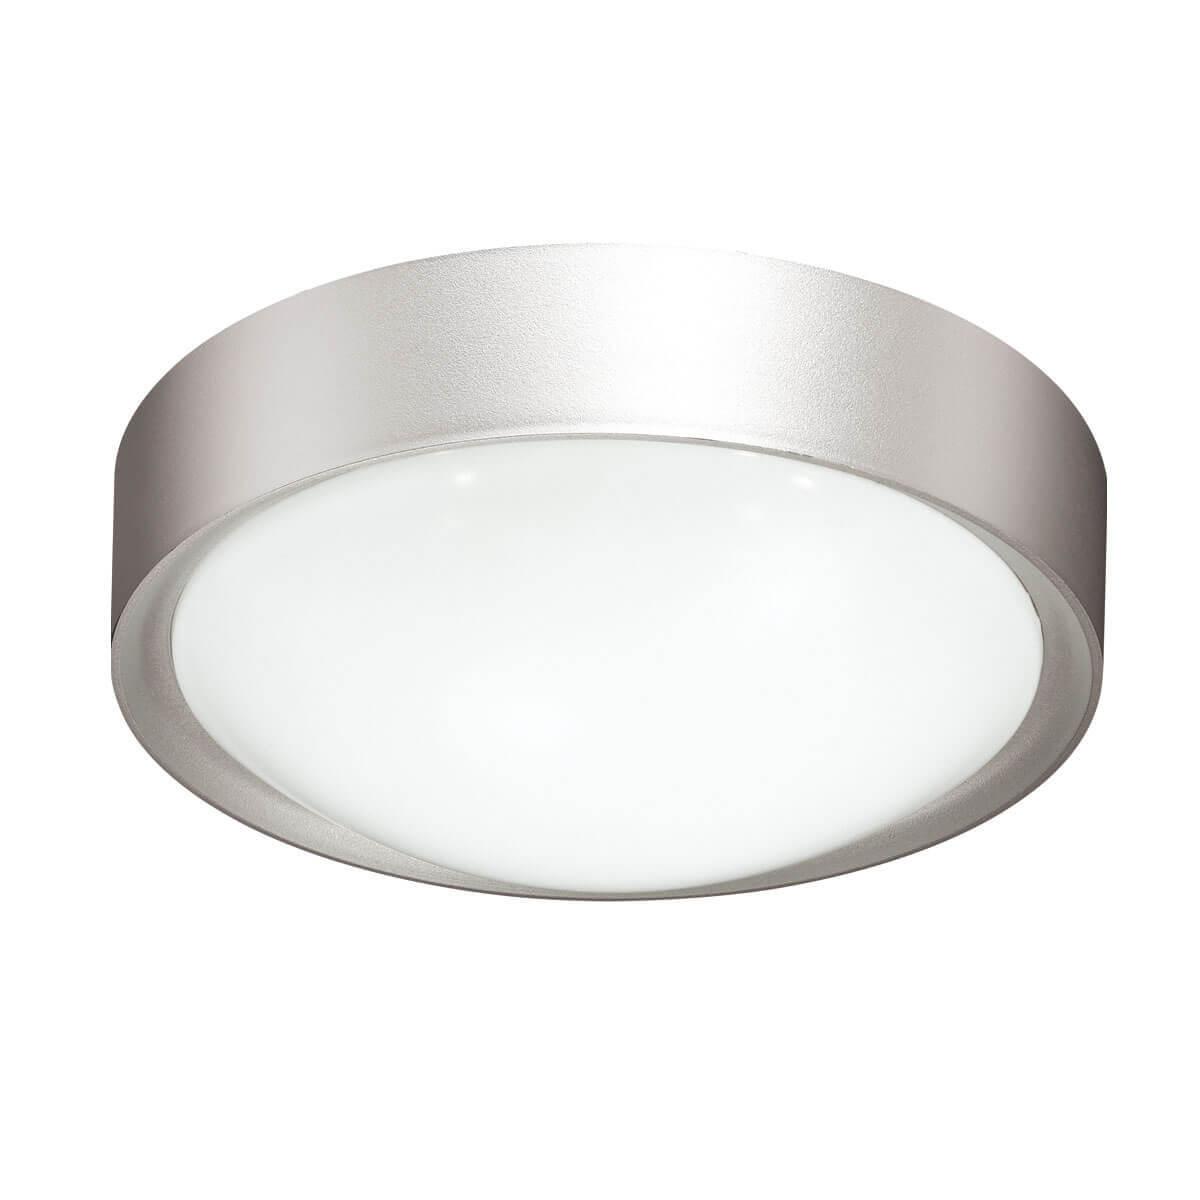 Настенно-потолочный светодиодный светильник Sonex Fasa 2029/A цена